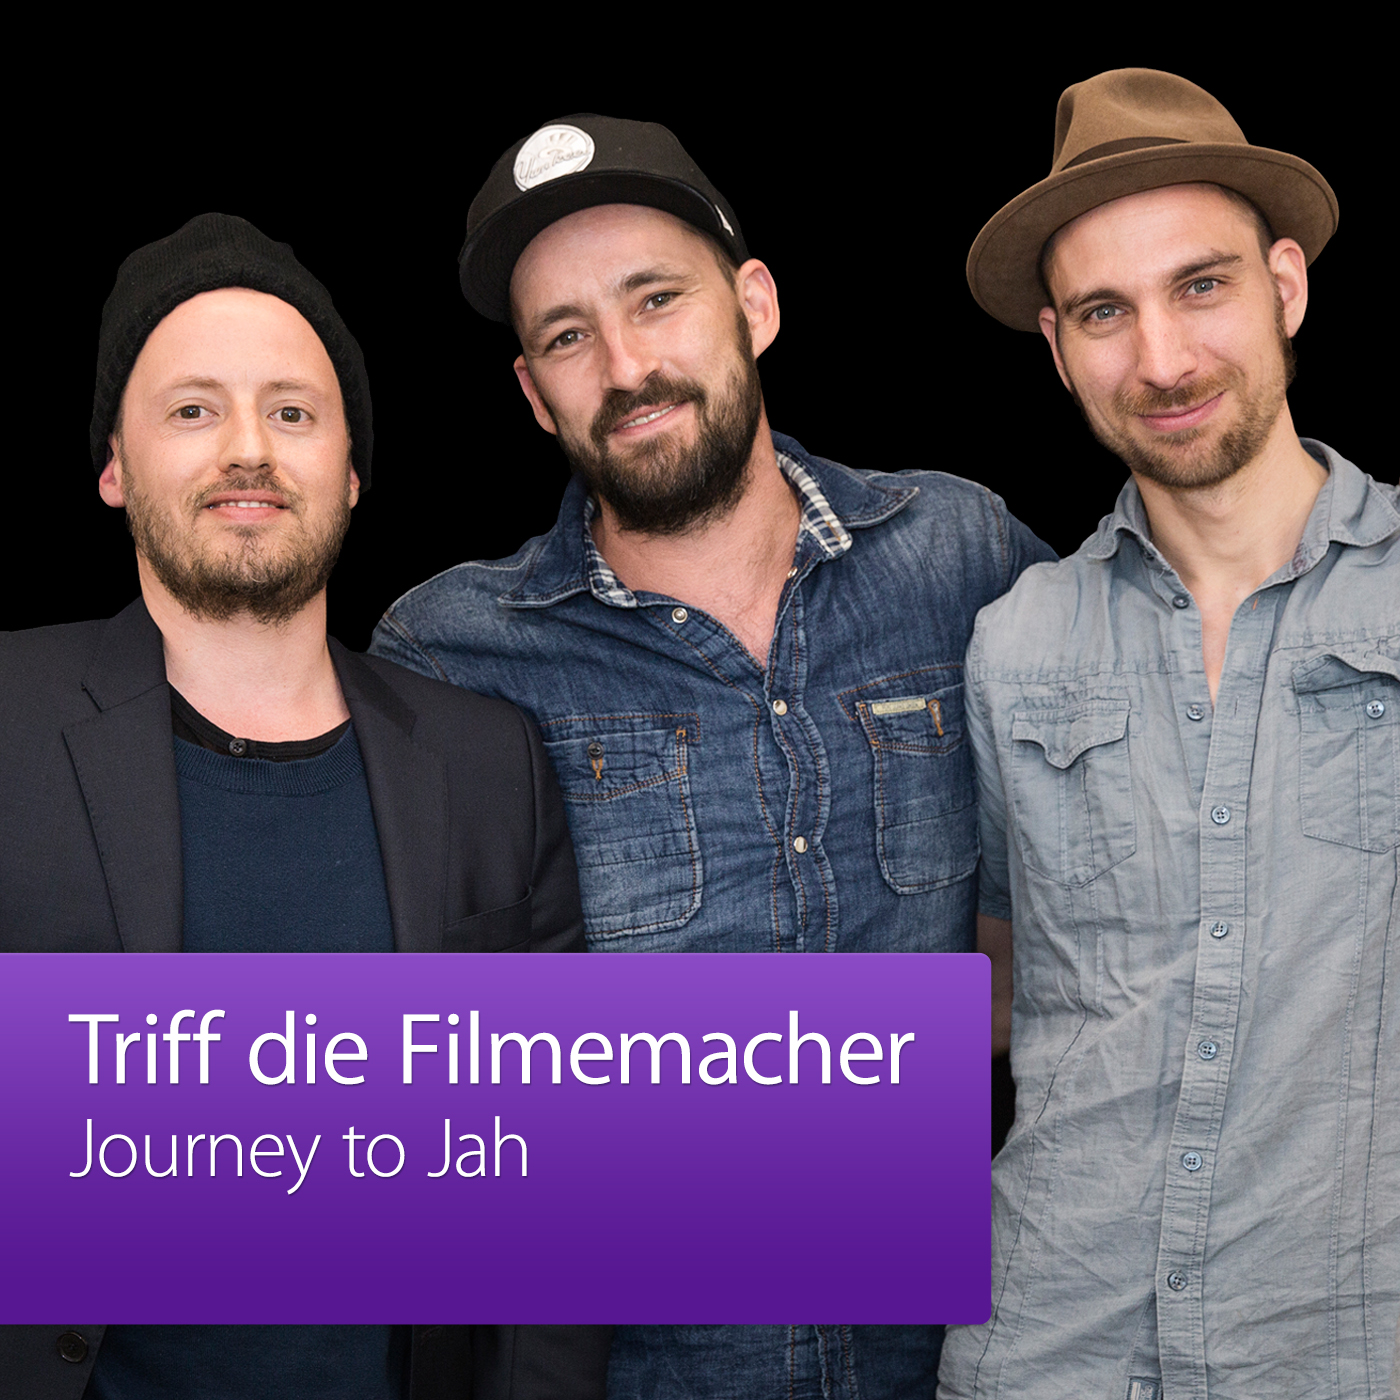 Gentleman, Noël Dernesch und Moritz Springer: Triff die Filmemacher